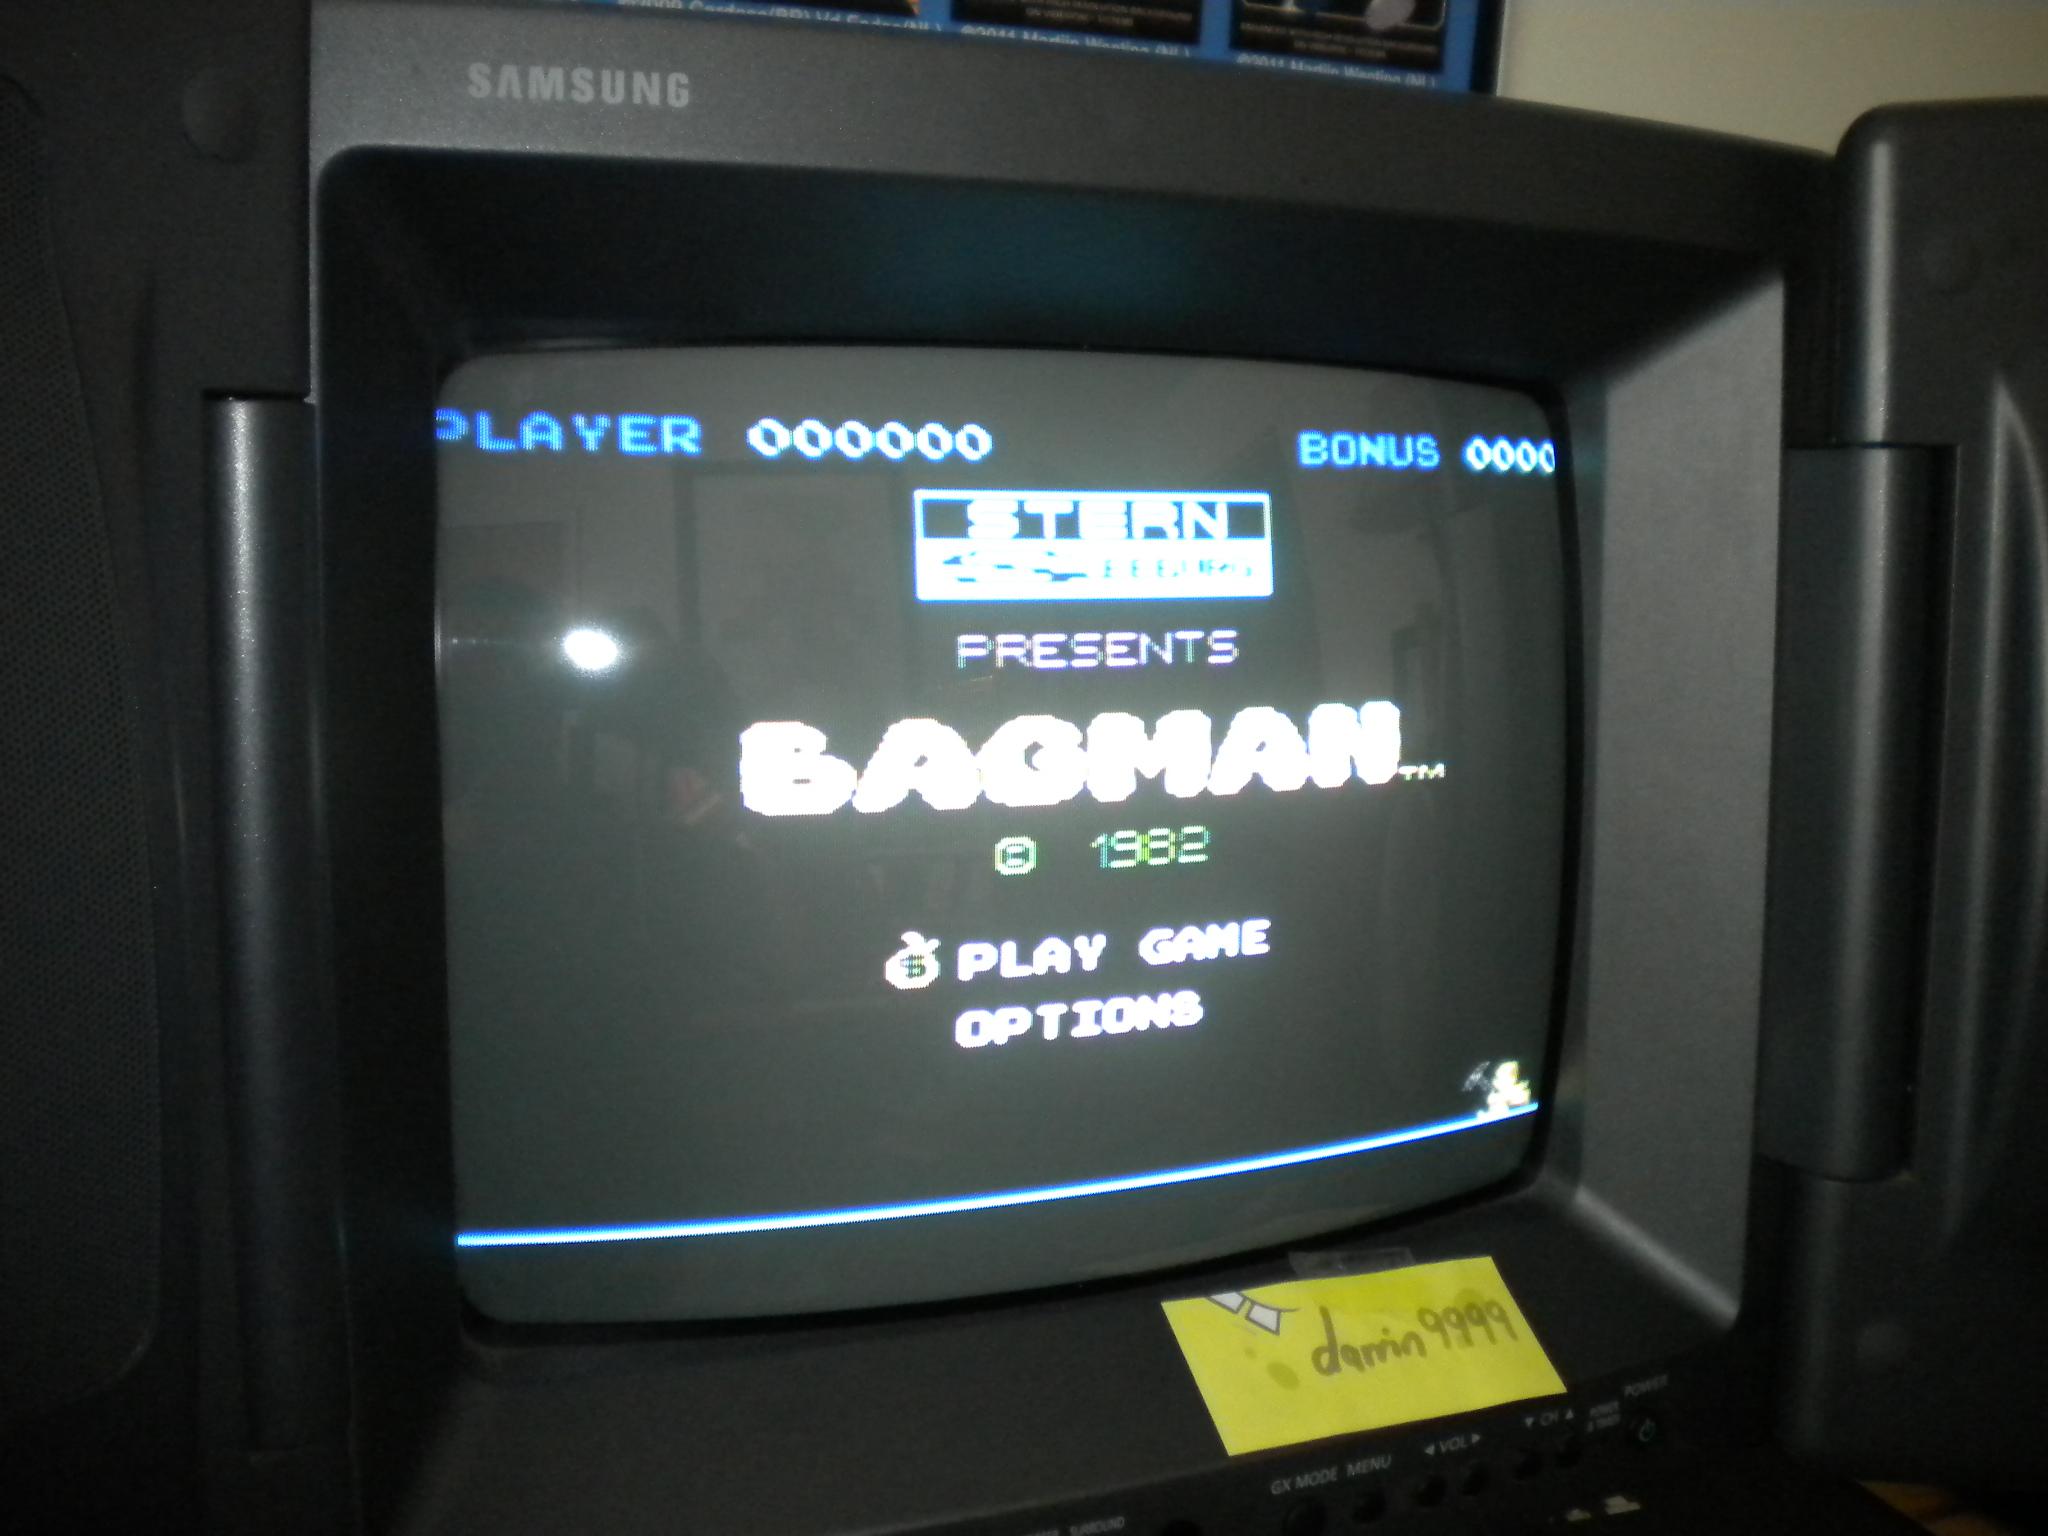 Bagman 61,900 points